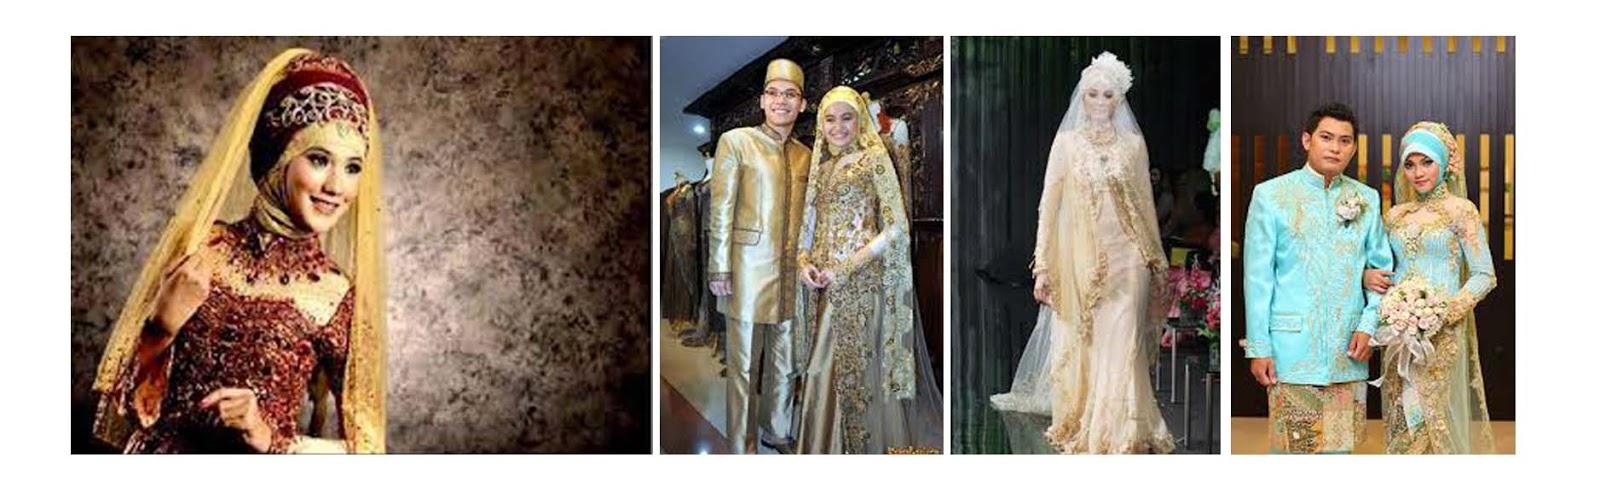 baju pengantin jawa, baju pengantin muslim modern, Baju pengantin muslimah, baju pengantin muslimah syar'i, baju pengantin pria, design baju pengantin, jas pengantin, kebaya pengantin, pakaian pengantin